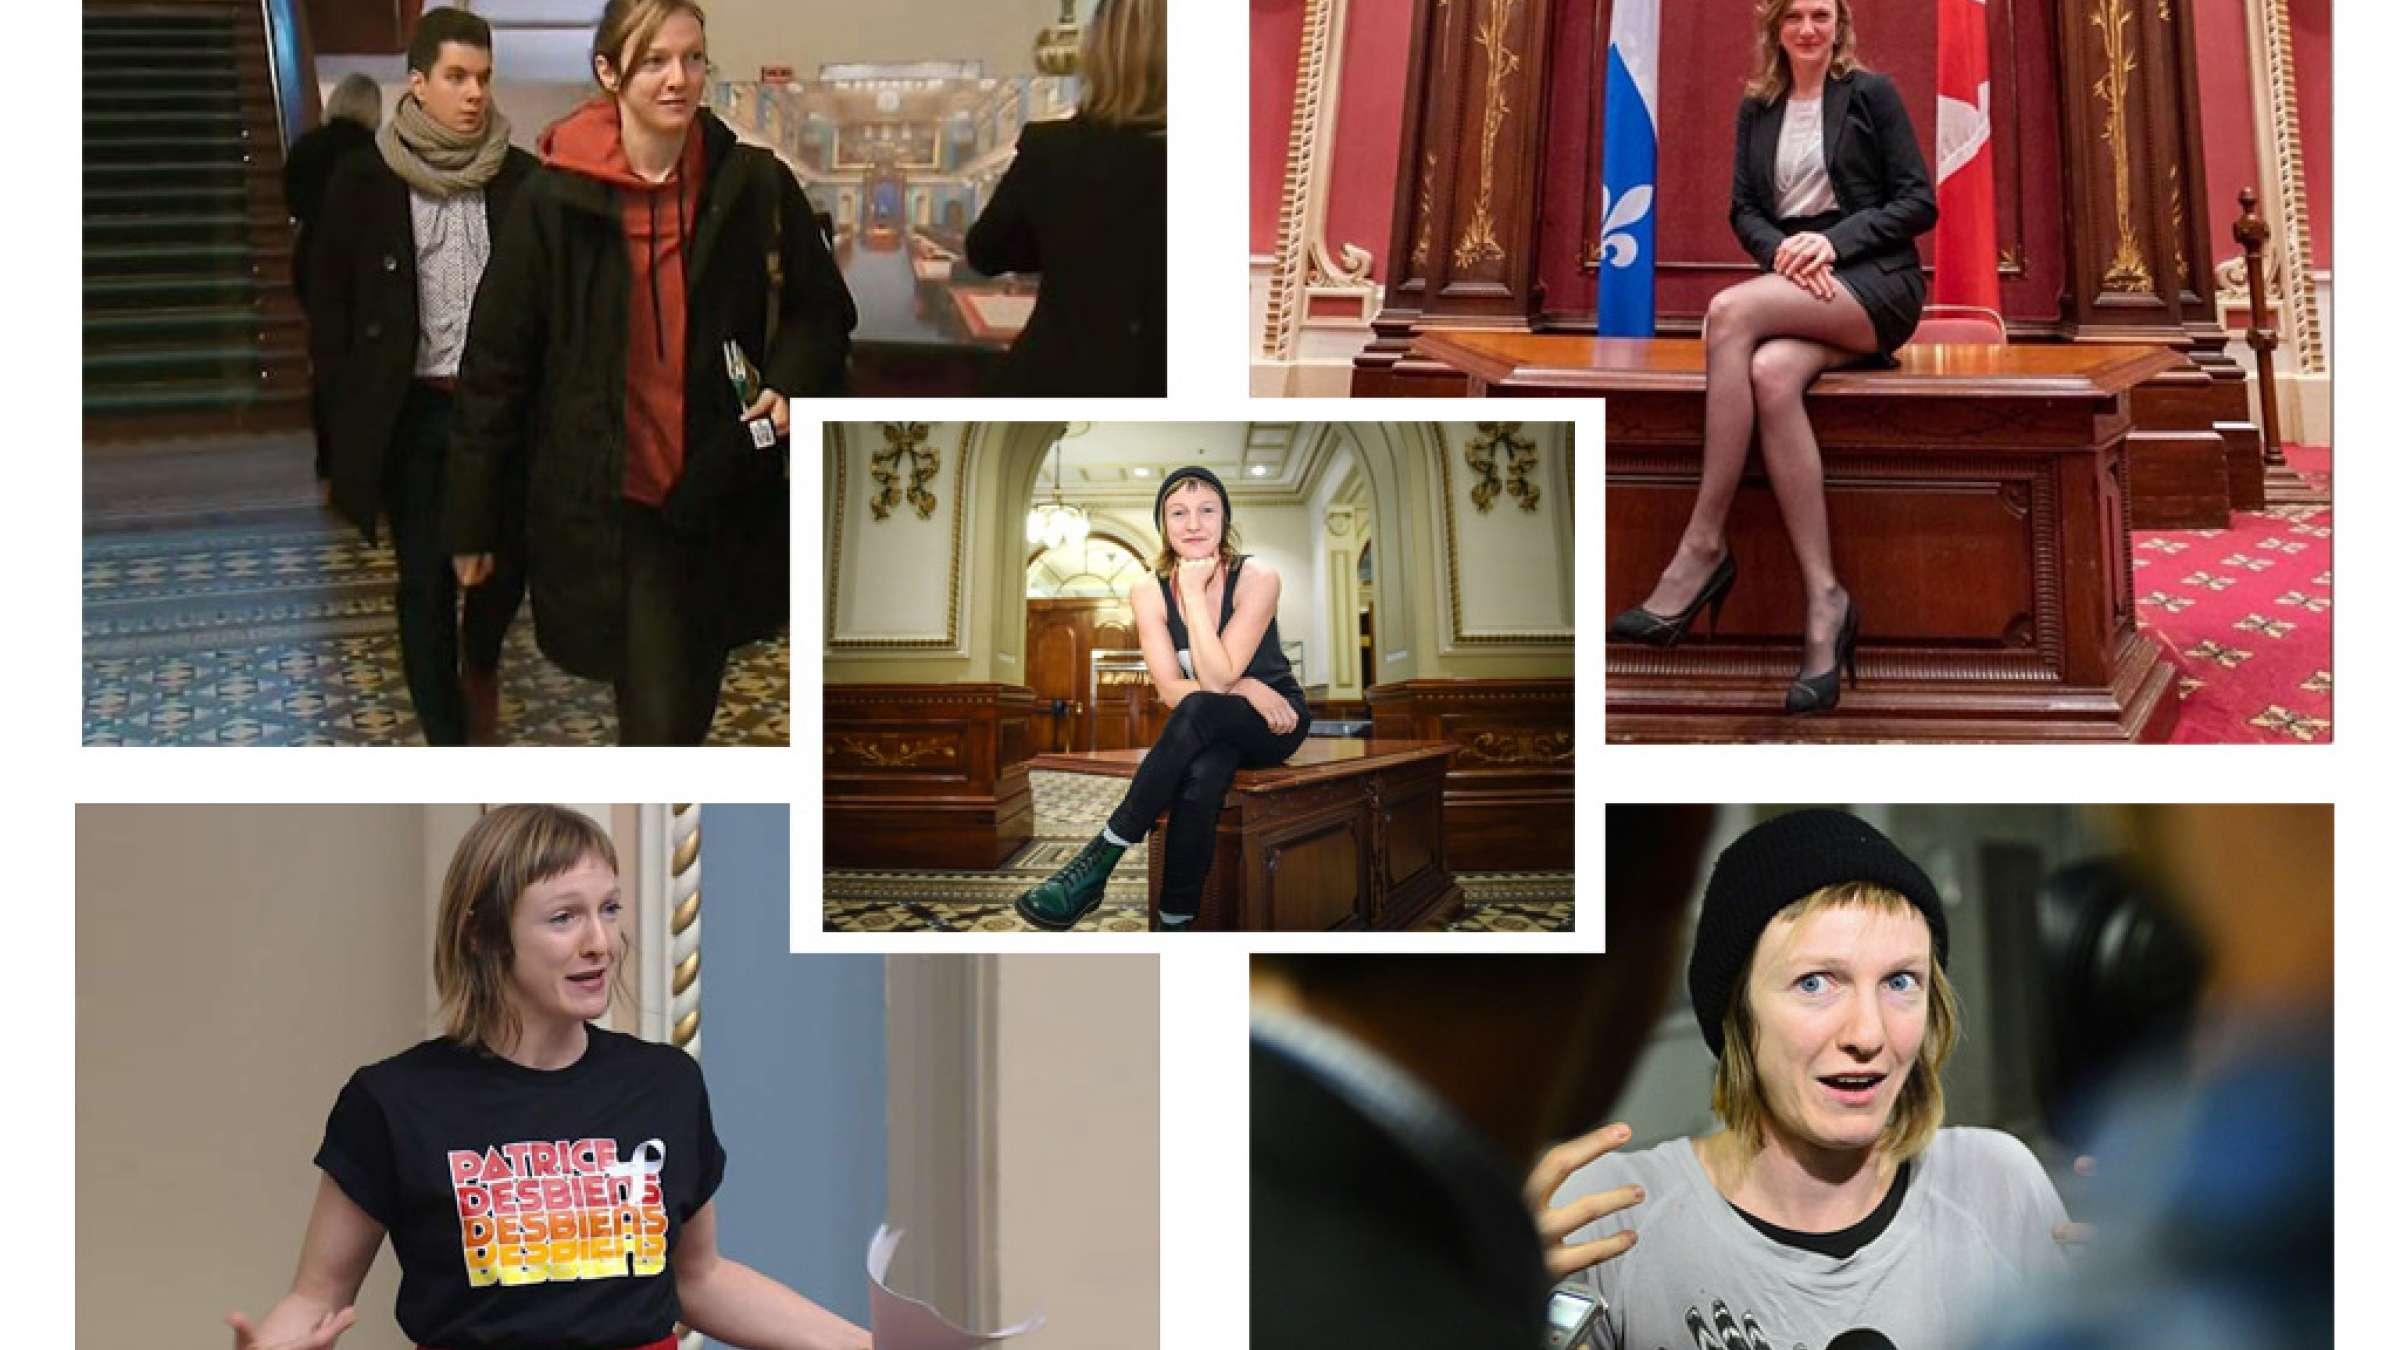 اخبار-کانادا-این-نماینده-مجلس-بخاطر-نوع-پوشیدن-لباس-مجبور-به-ترک-پارلمان-کبک-شد